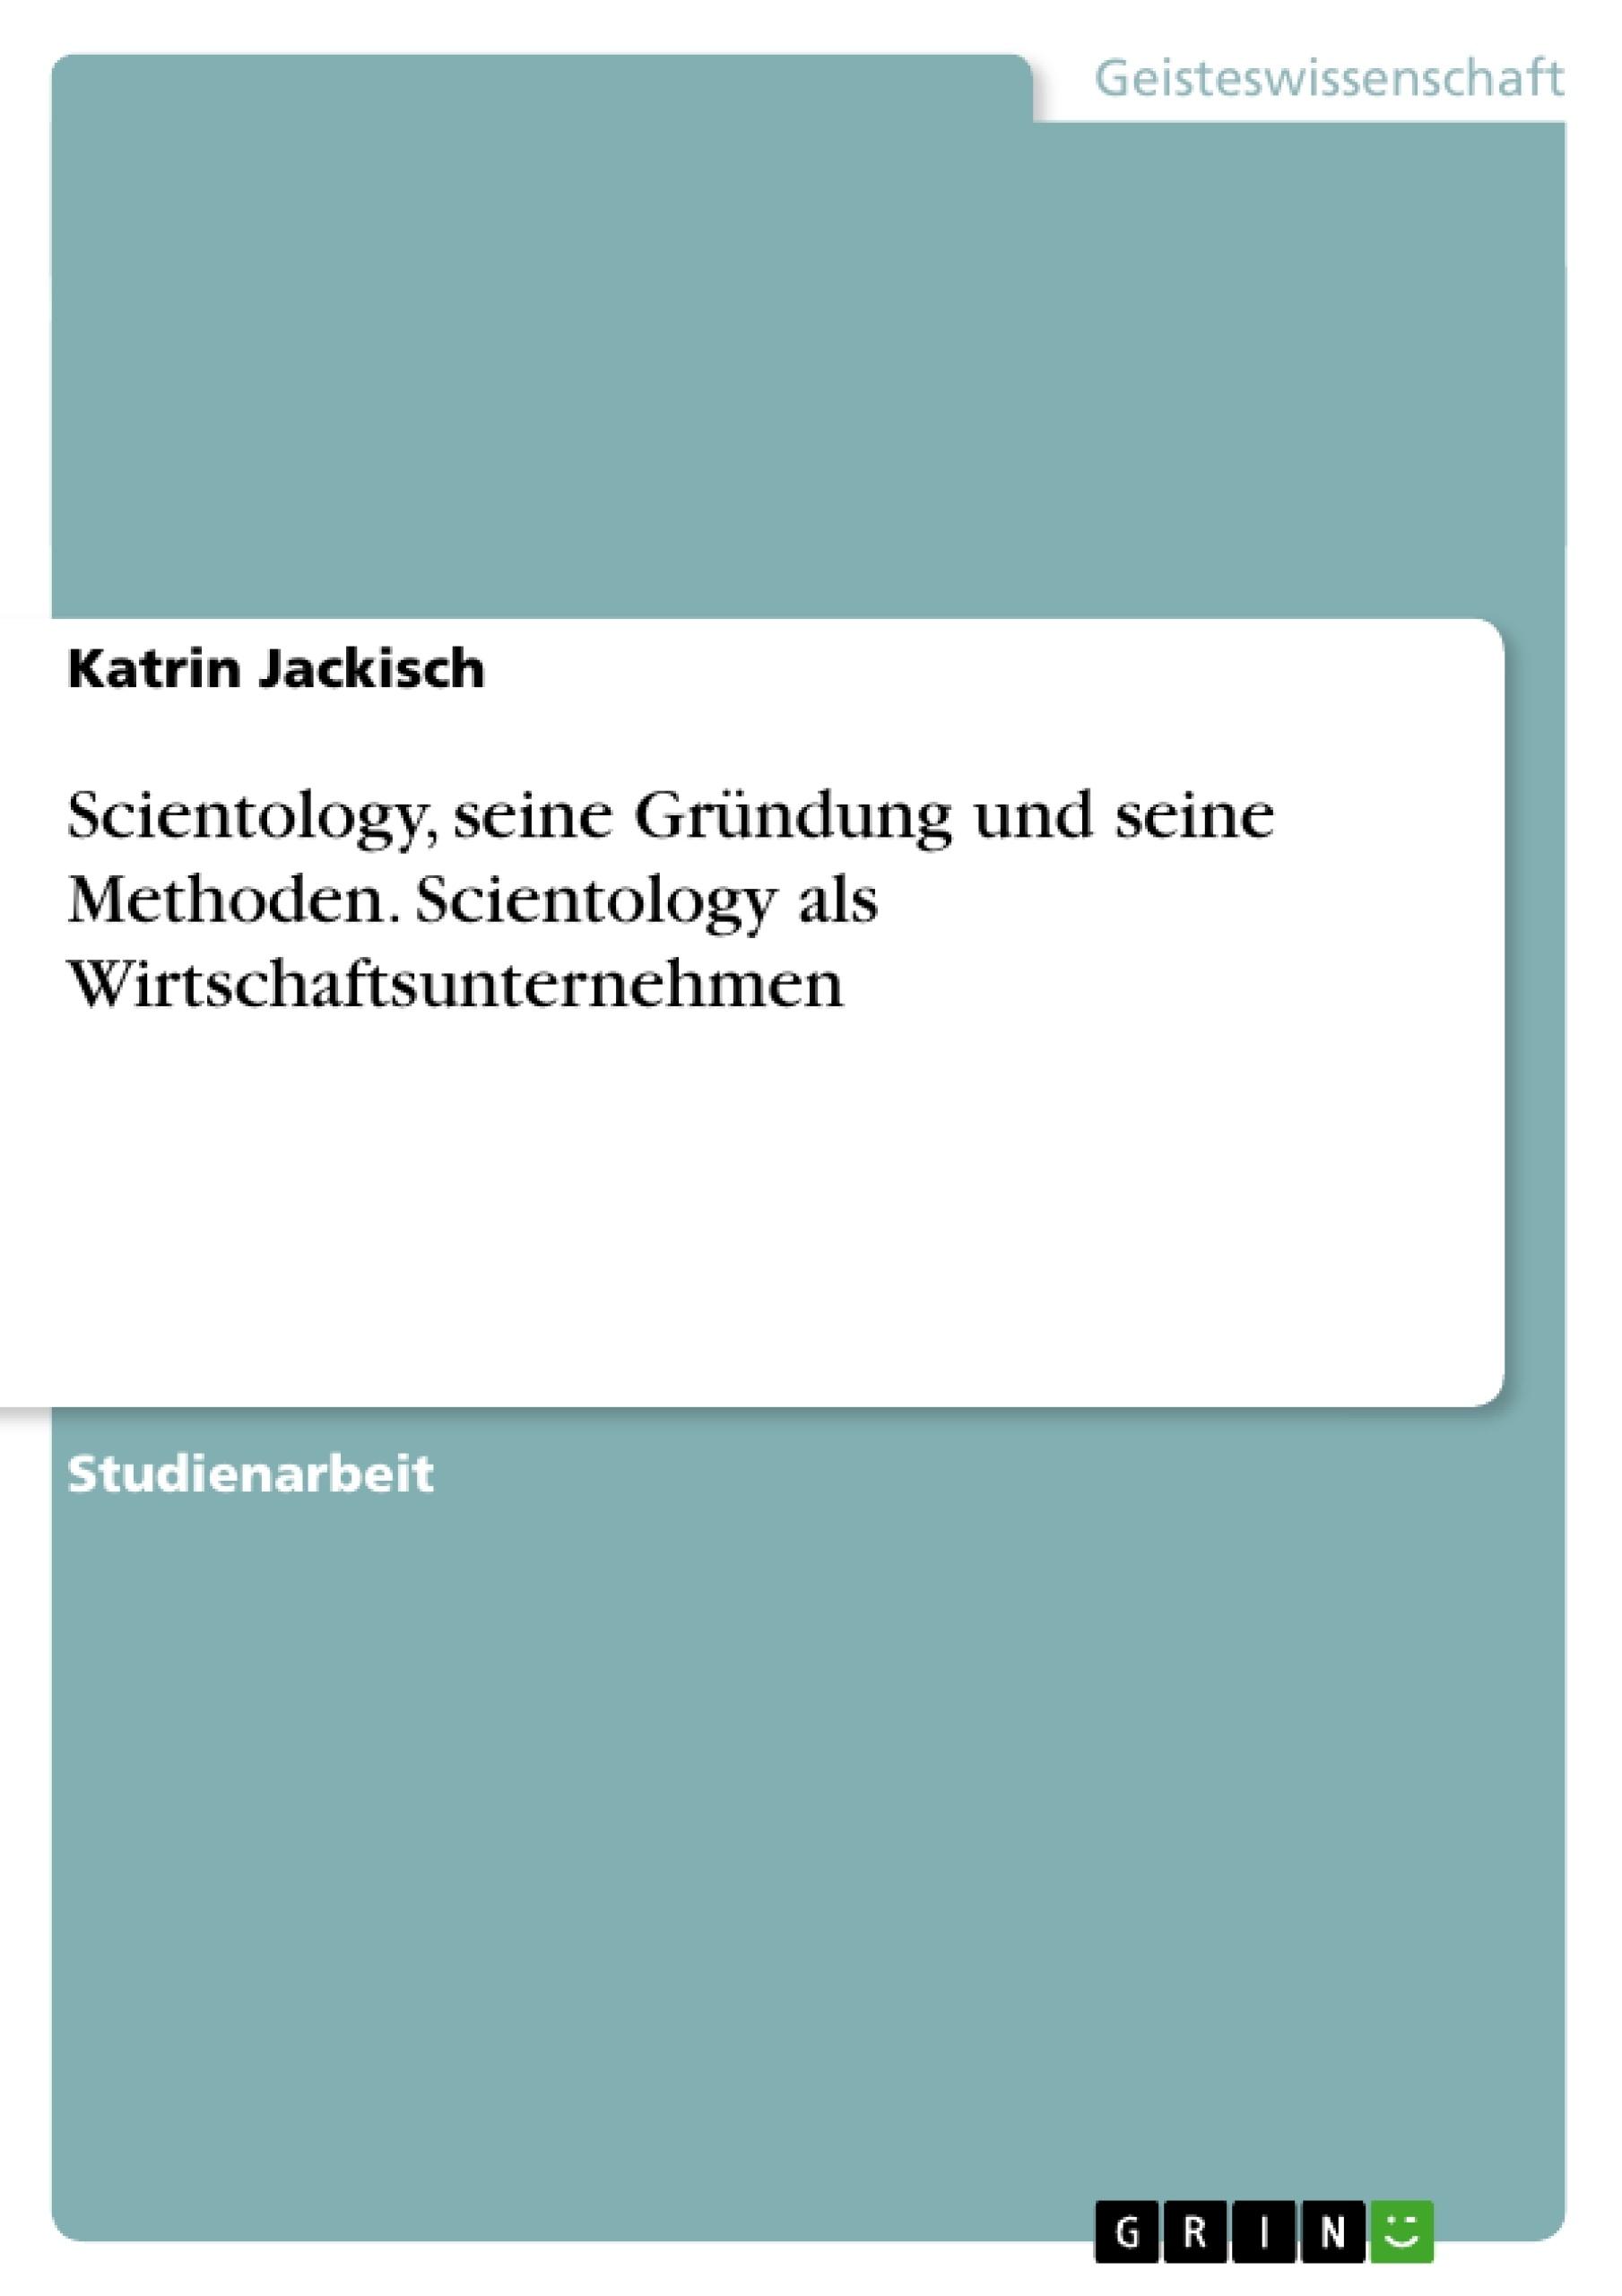 Titel: Scientology, seine Gründung und seine Methoden. Scientology als Wirtschaftsunternehmen